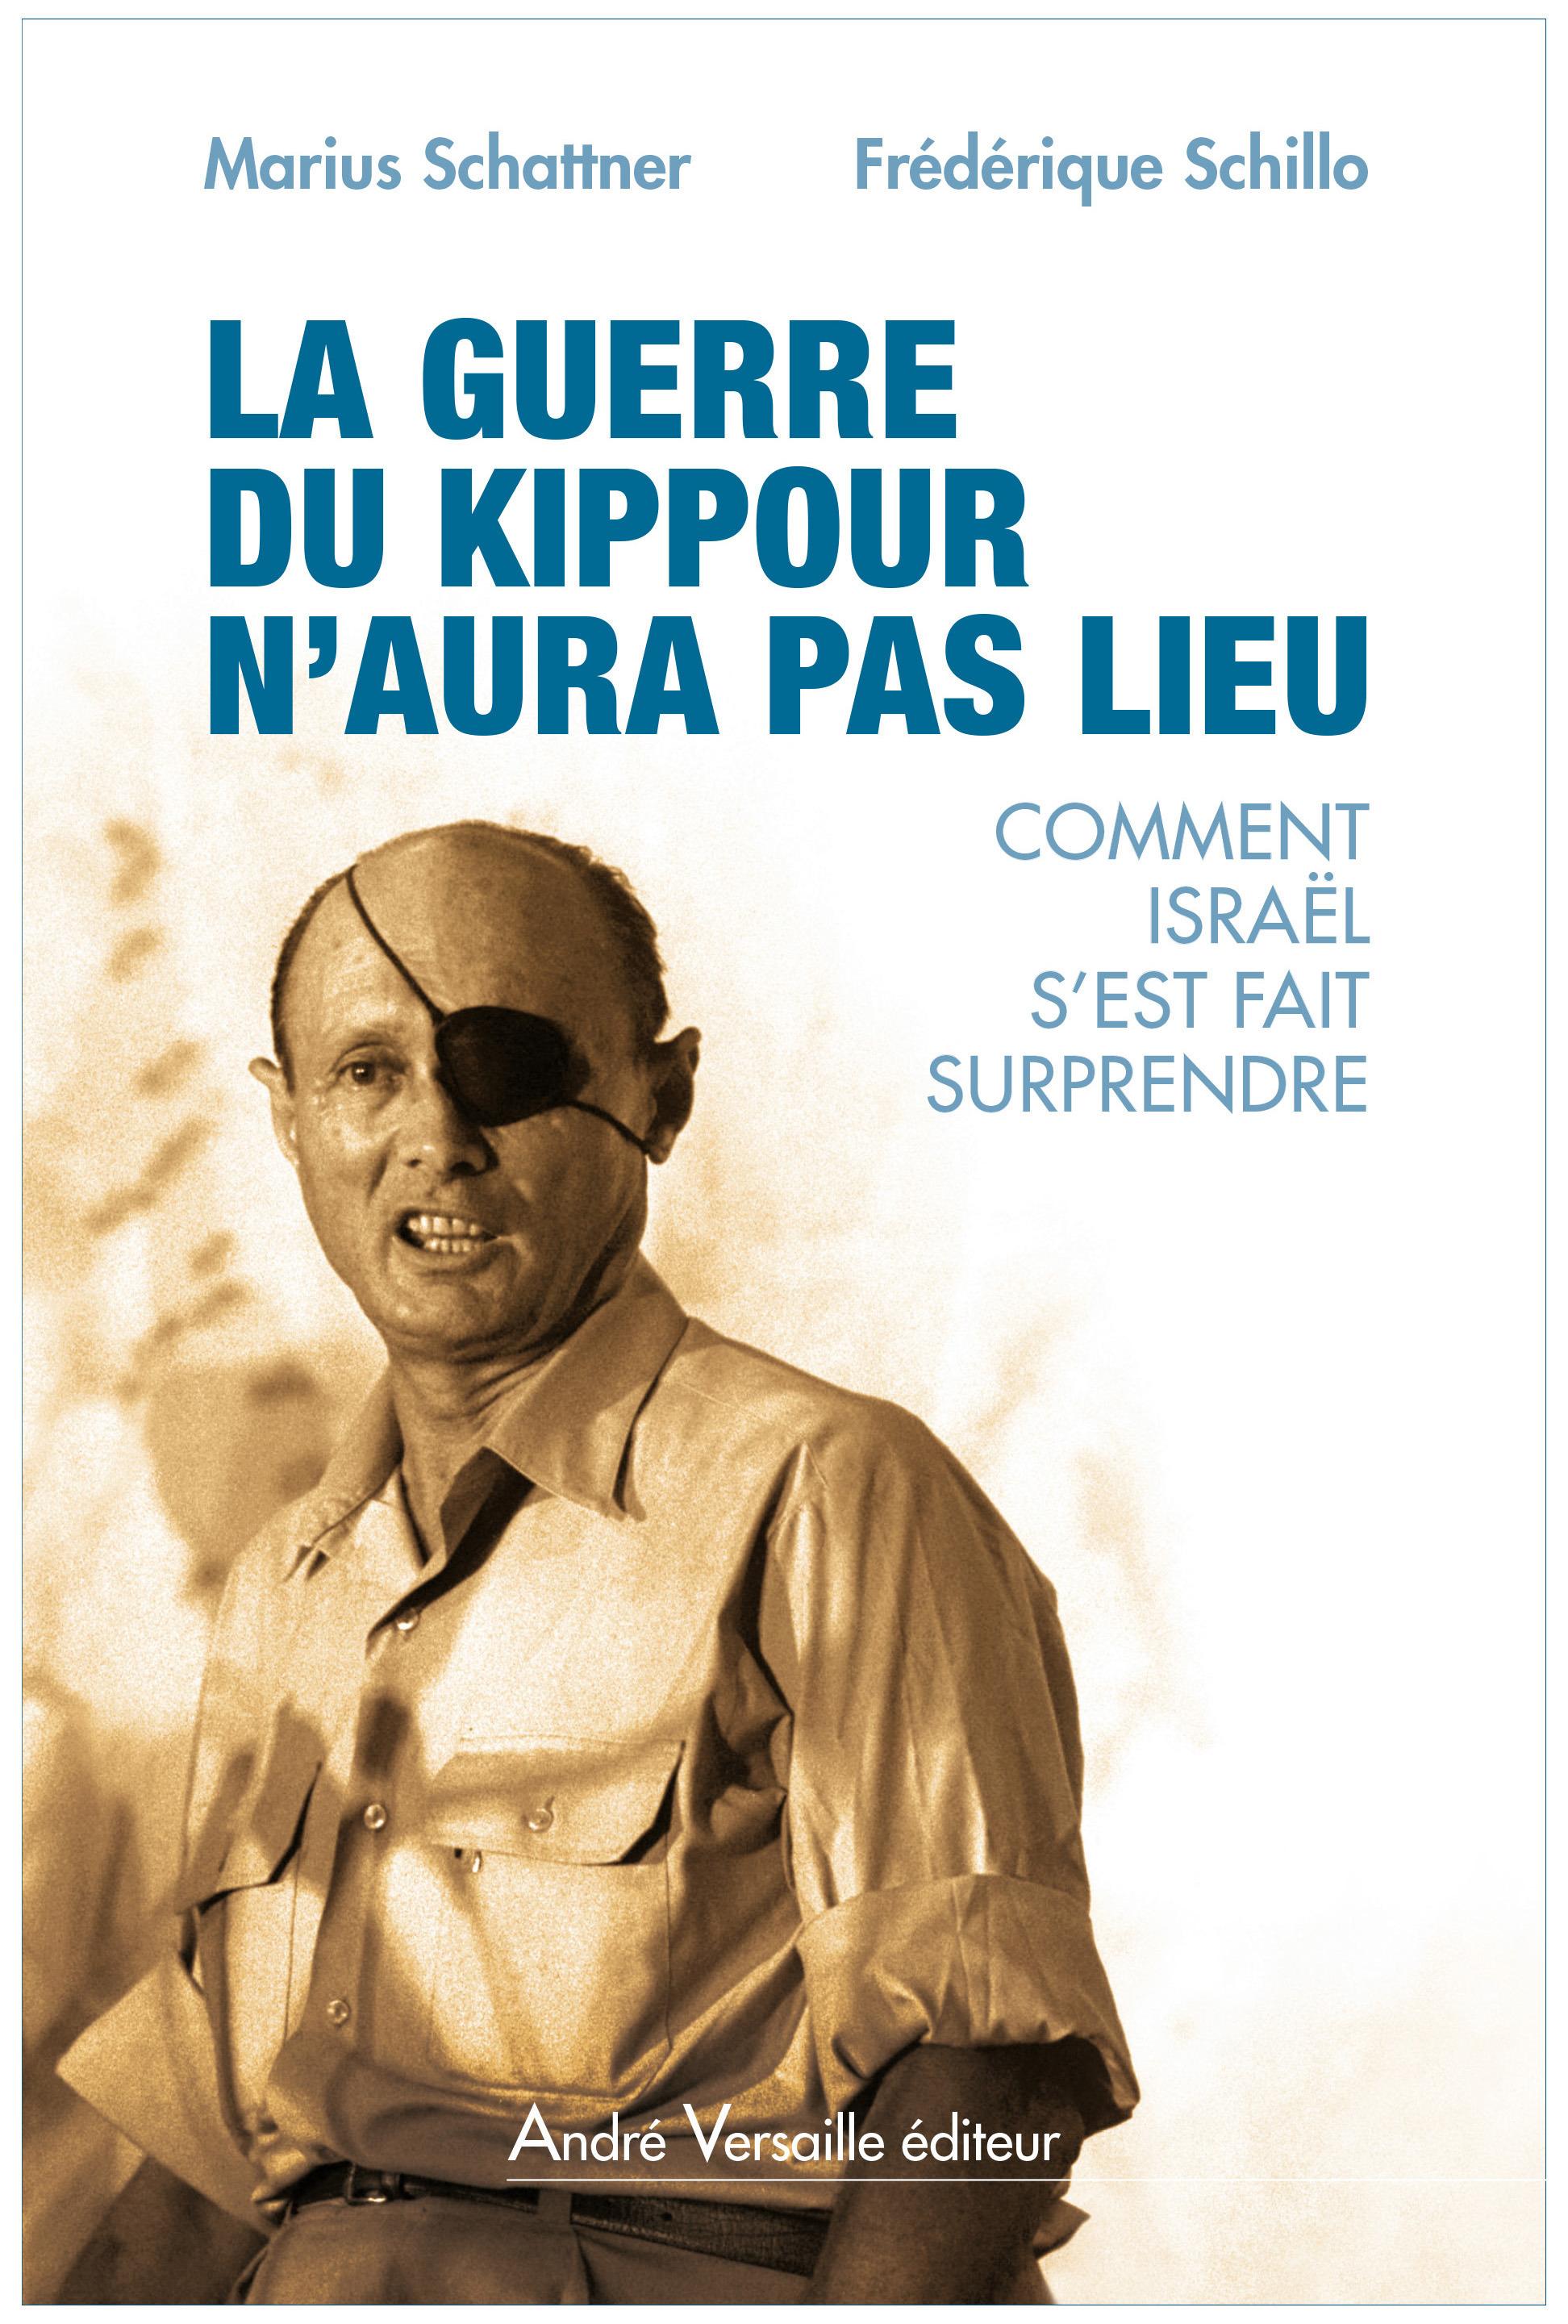 La guerre de kippour n'aura pas lieu ; pourquoi Israël n'a pas cru à une offensive arabe